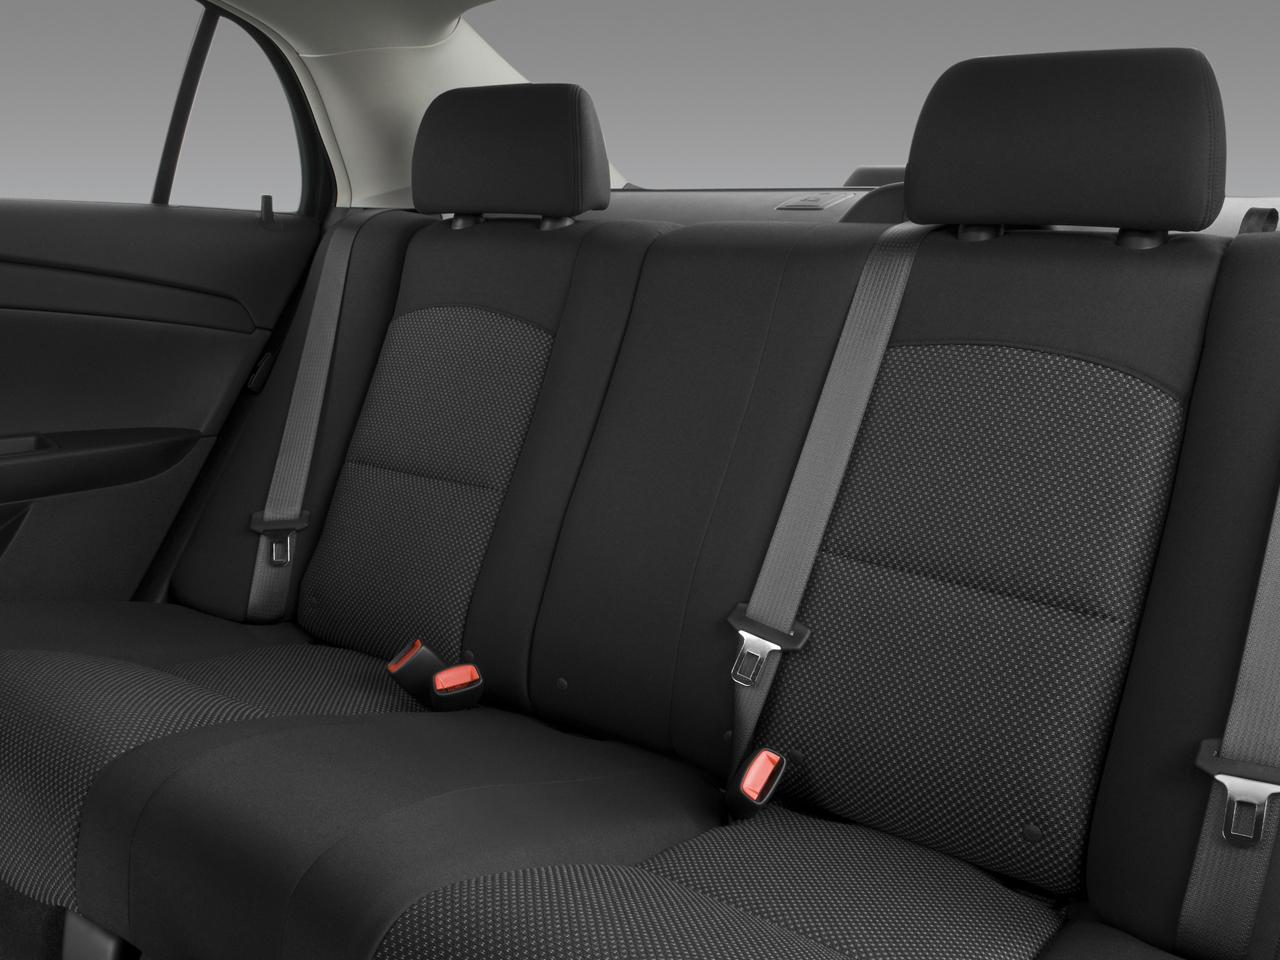 Malibu 2011 chevy malibu seat covers : 2008 Chevy Malibu Seat Covers - Velcromag